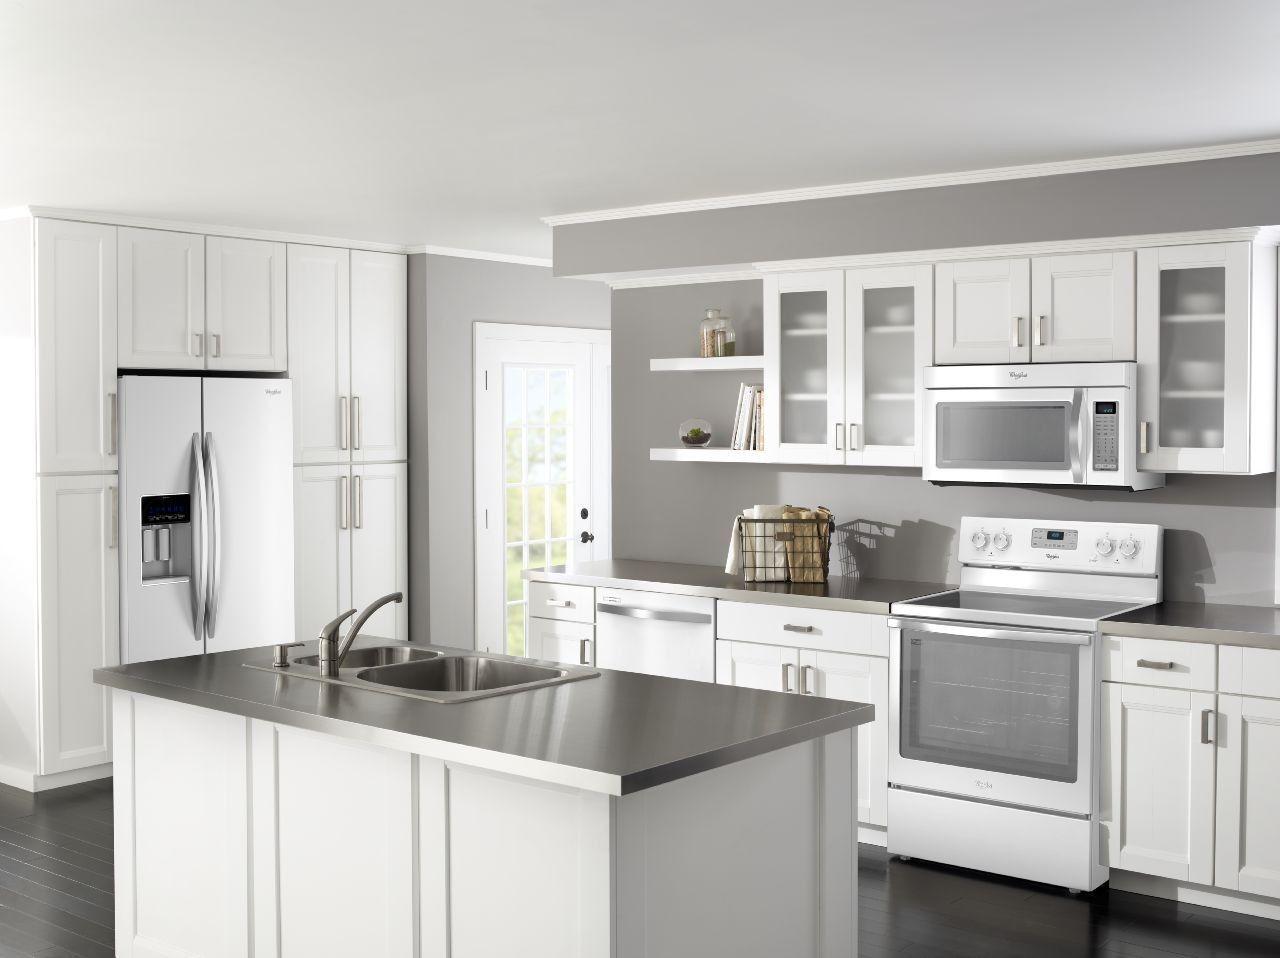 White Kitchen White Appliances Photos Google Search White Kitchen Appliances Kitchen Design Trends White Appliances